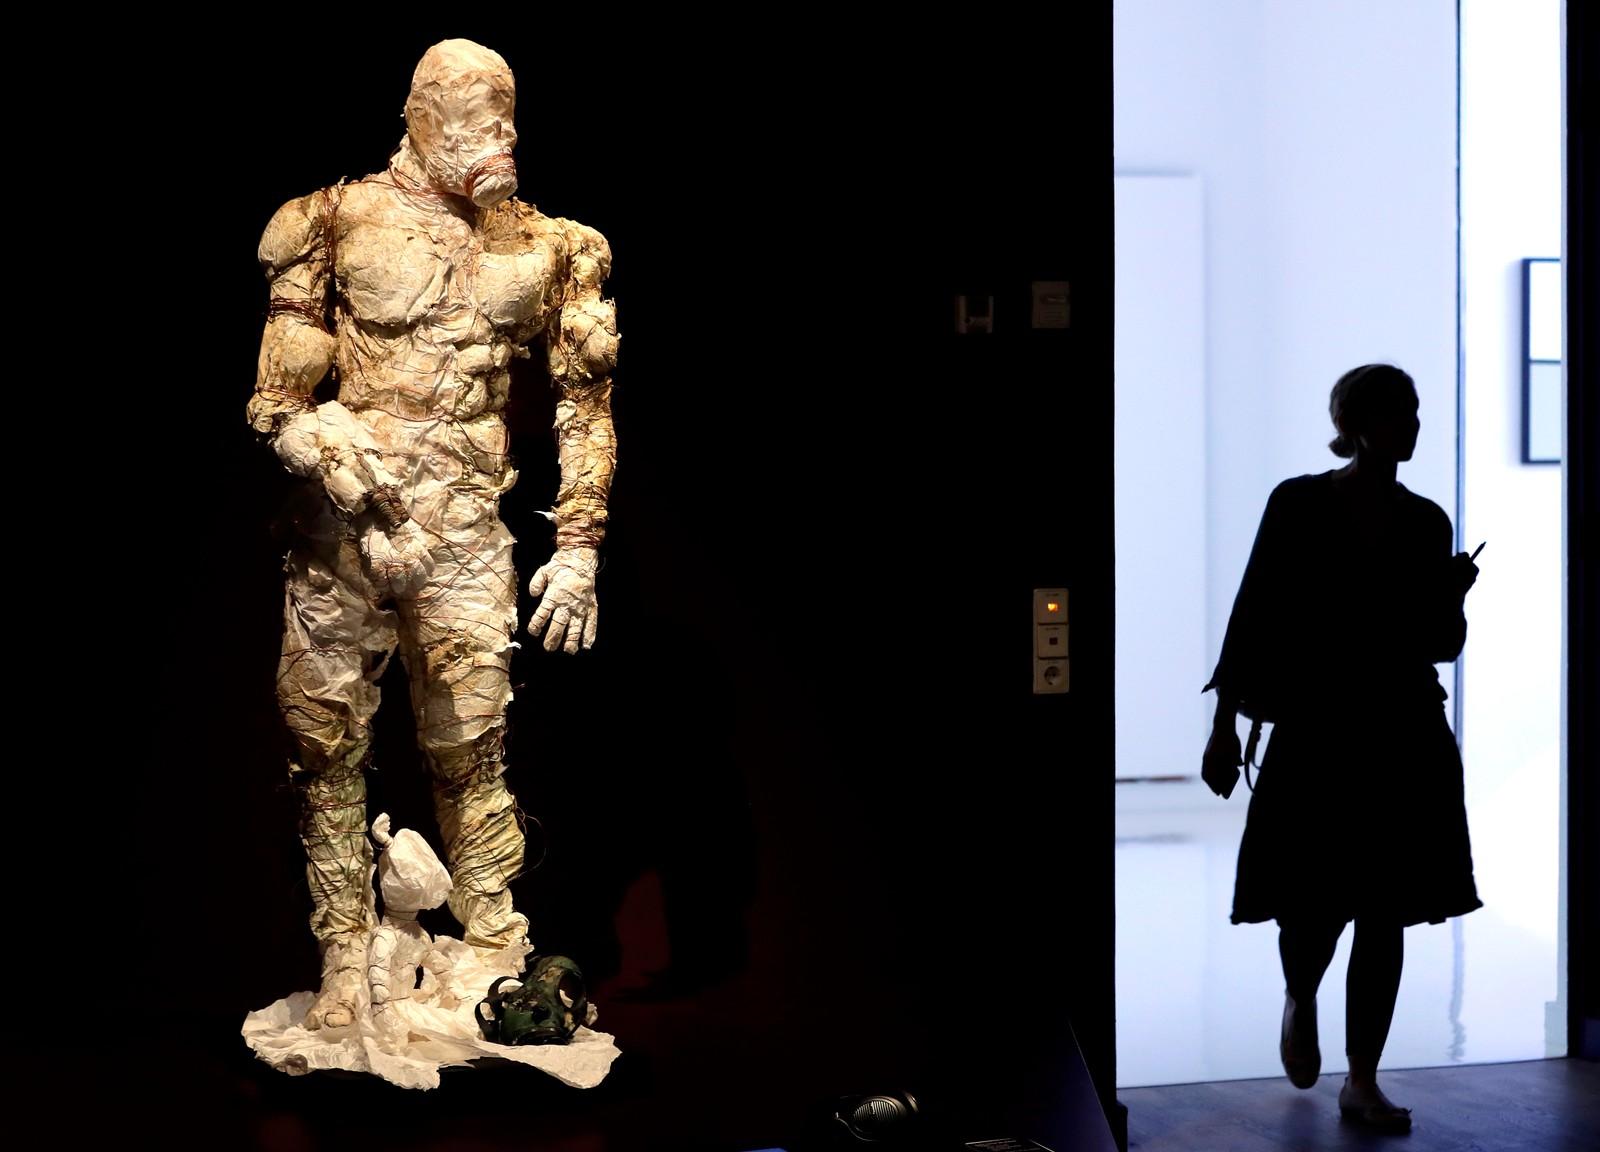 En kvinne går forbi en Golem-statue i Tel Aviv i Israel. I middelalderen og i jødisk tro trodde man at Golem var et slags kunstig menneske laget av et dødt materiale. Statuen skal stilles ut på Det jødiske museet i Berlin i en utstilling som handler om kunstig liv. Utstillingen varer til 29. januar 2017.